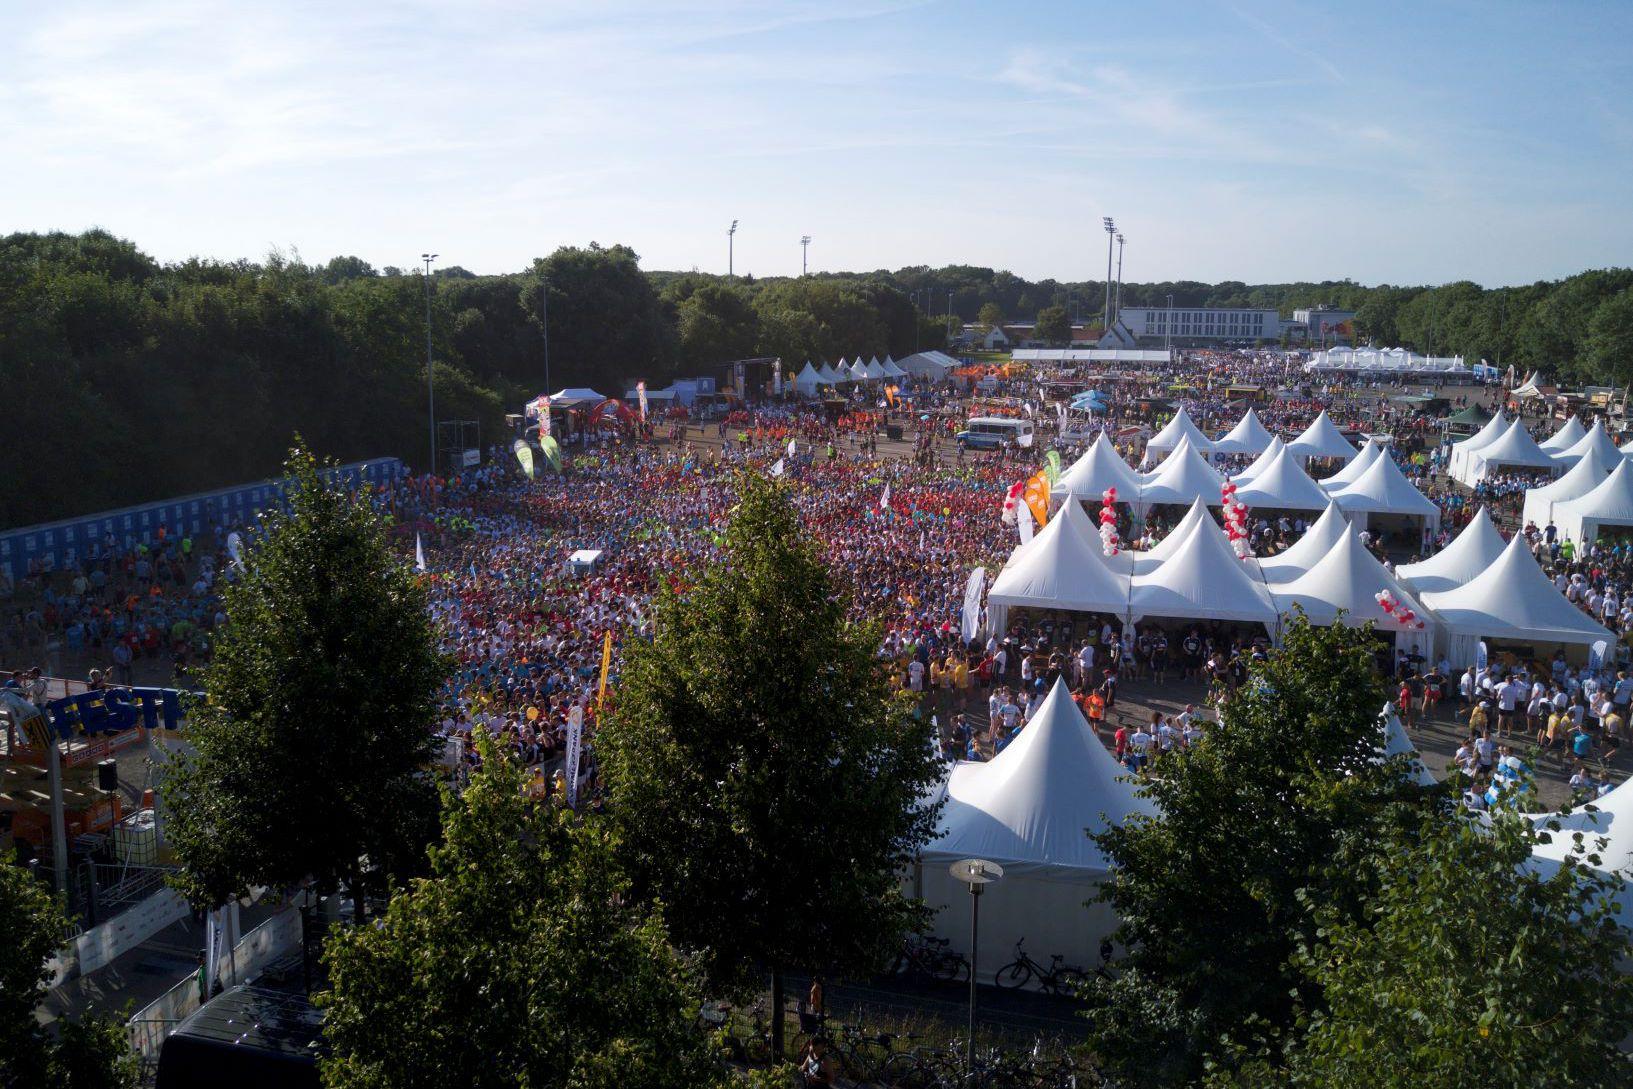 Der Leipziger Firmenlauf wurde vorsorglich zur Überwindung der aktuellen Schwierigkeiten verschoben. (Foto: Media City Leipzig)